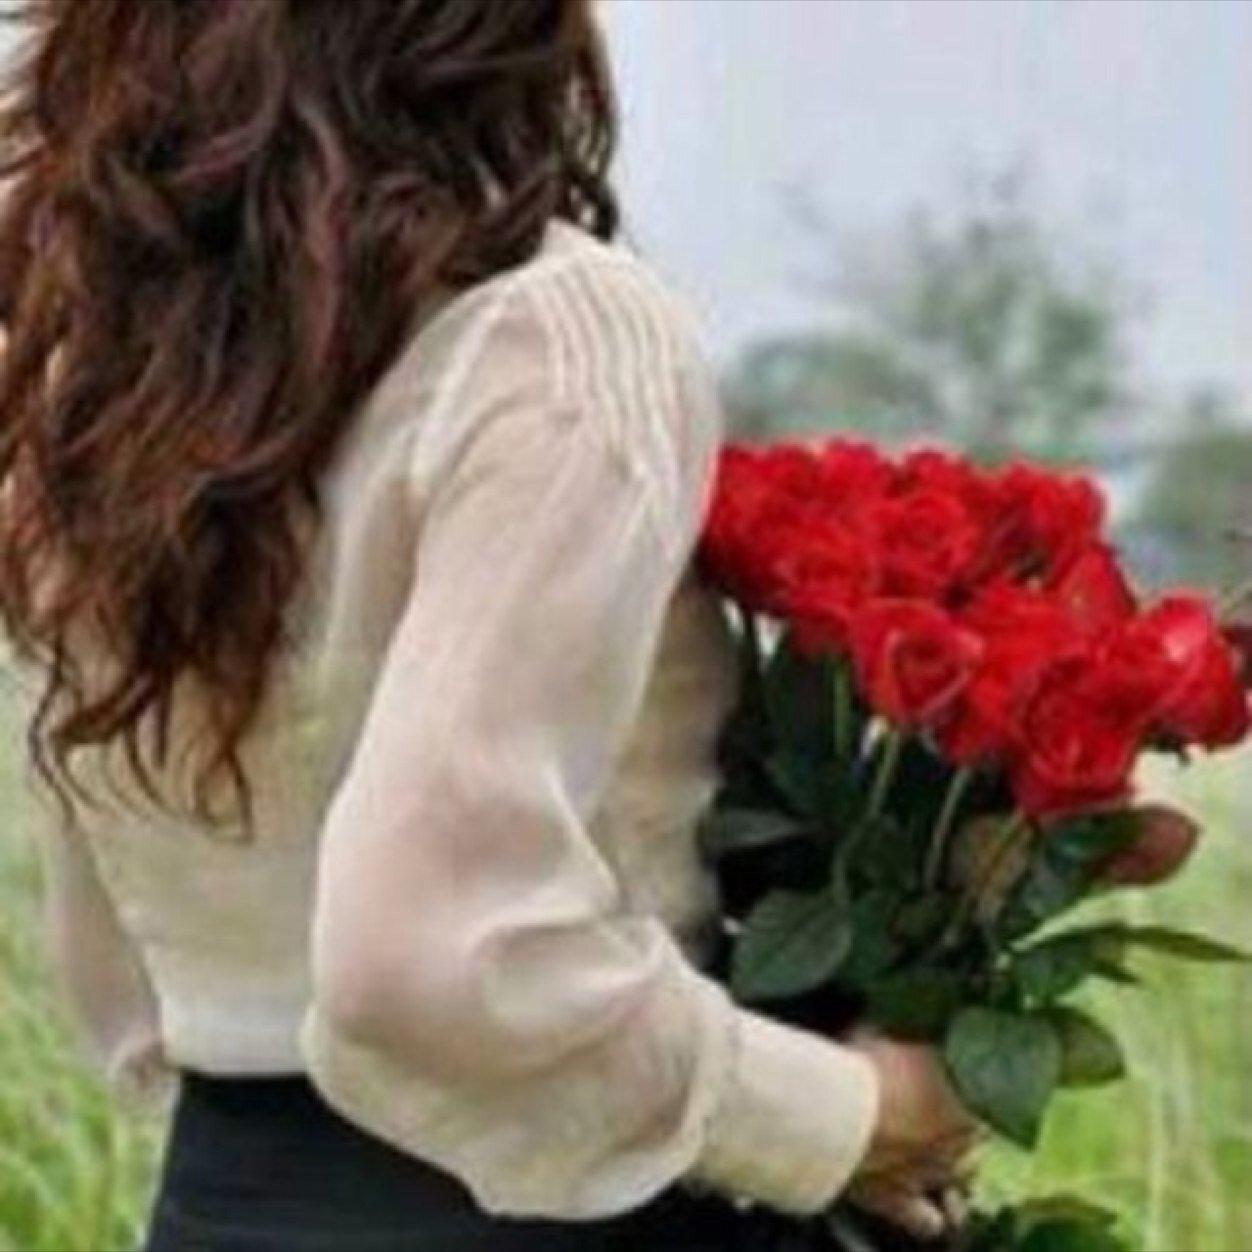 صورة اشعار عن الورد , كلمات شعر عن الورد واو